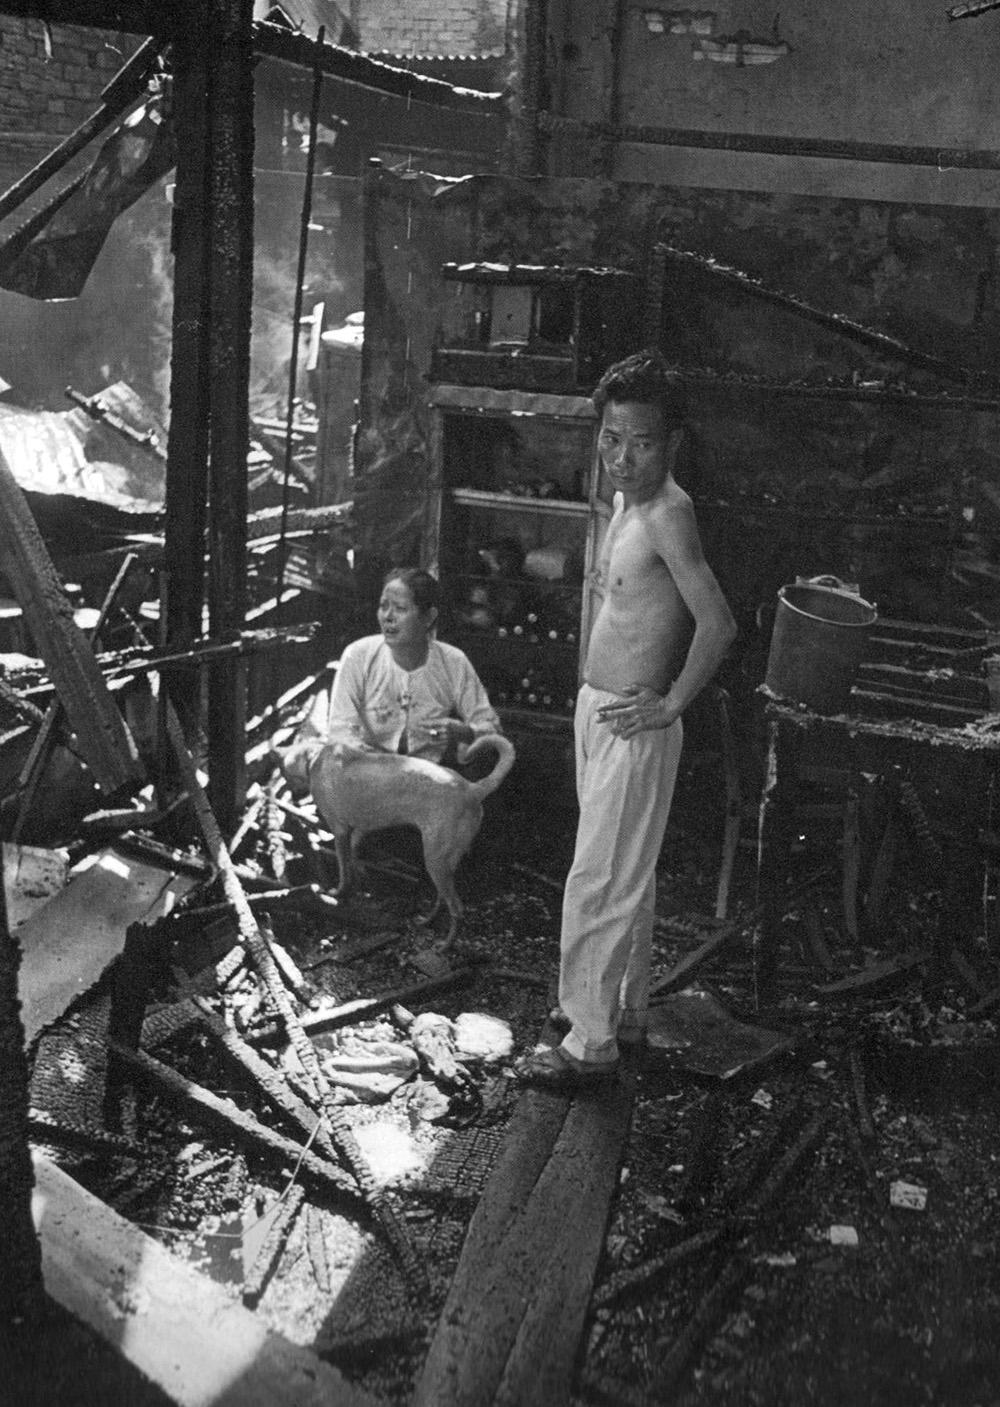 19680221_saigon_couple_in_the_ruins_of_their_shop_near_tsn_airbase.jpg